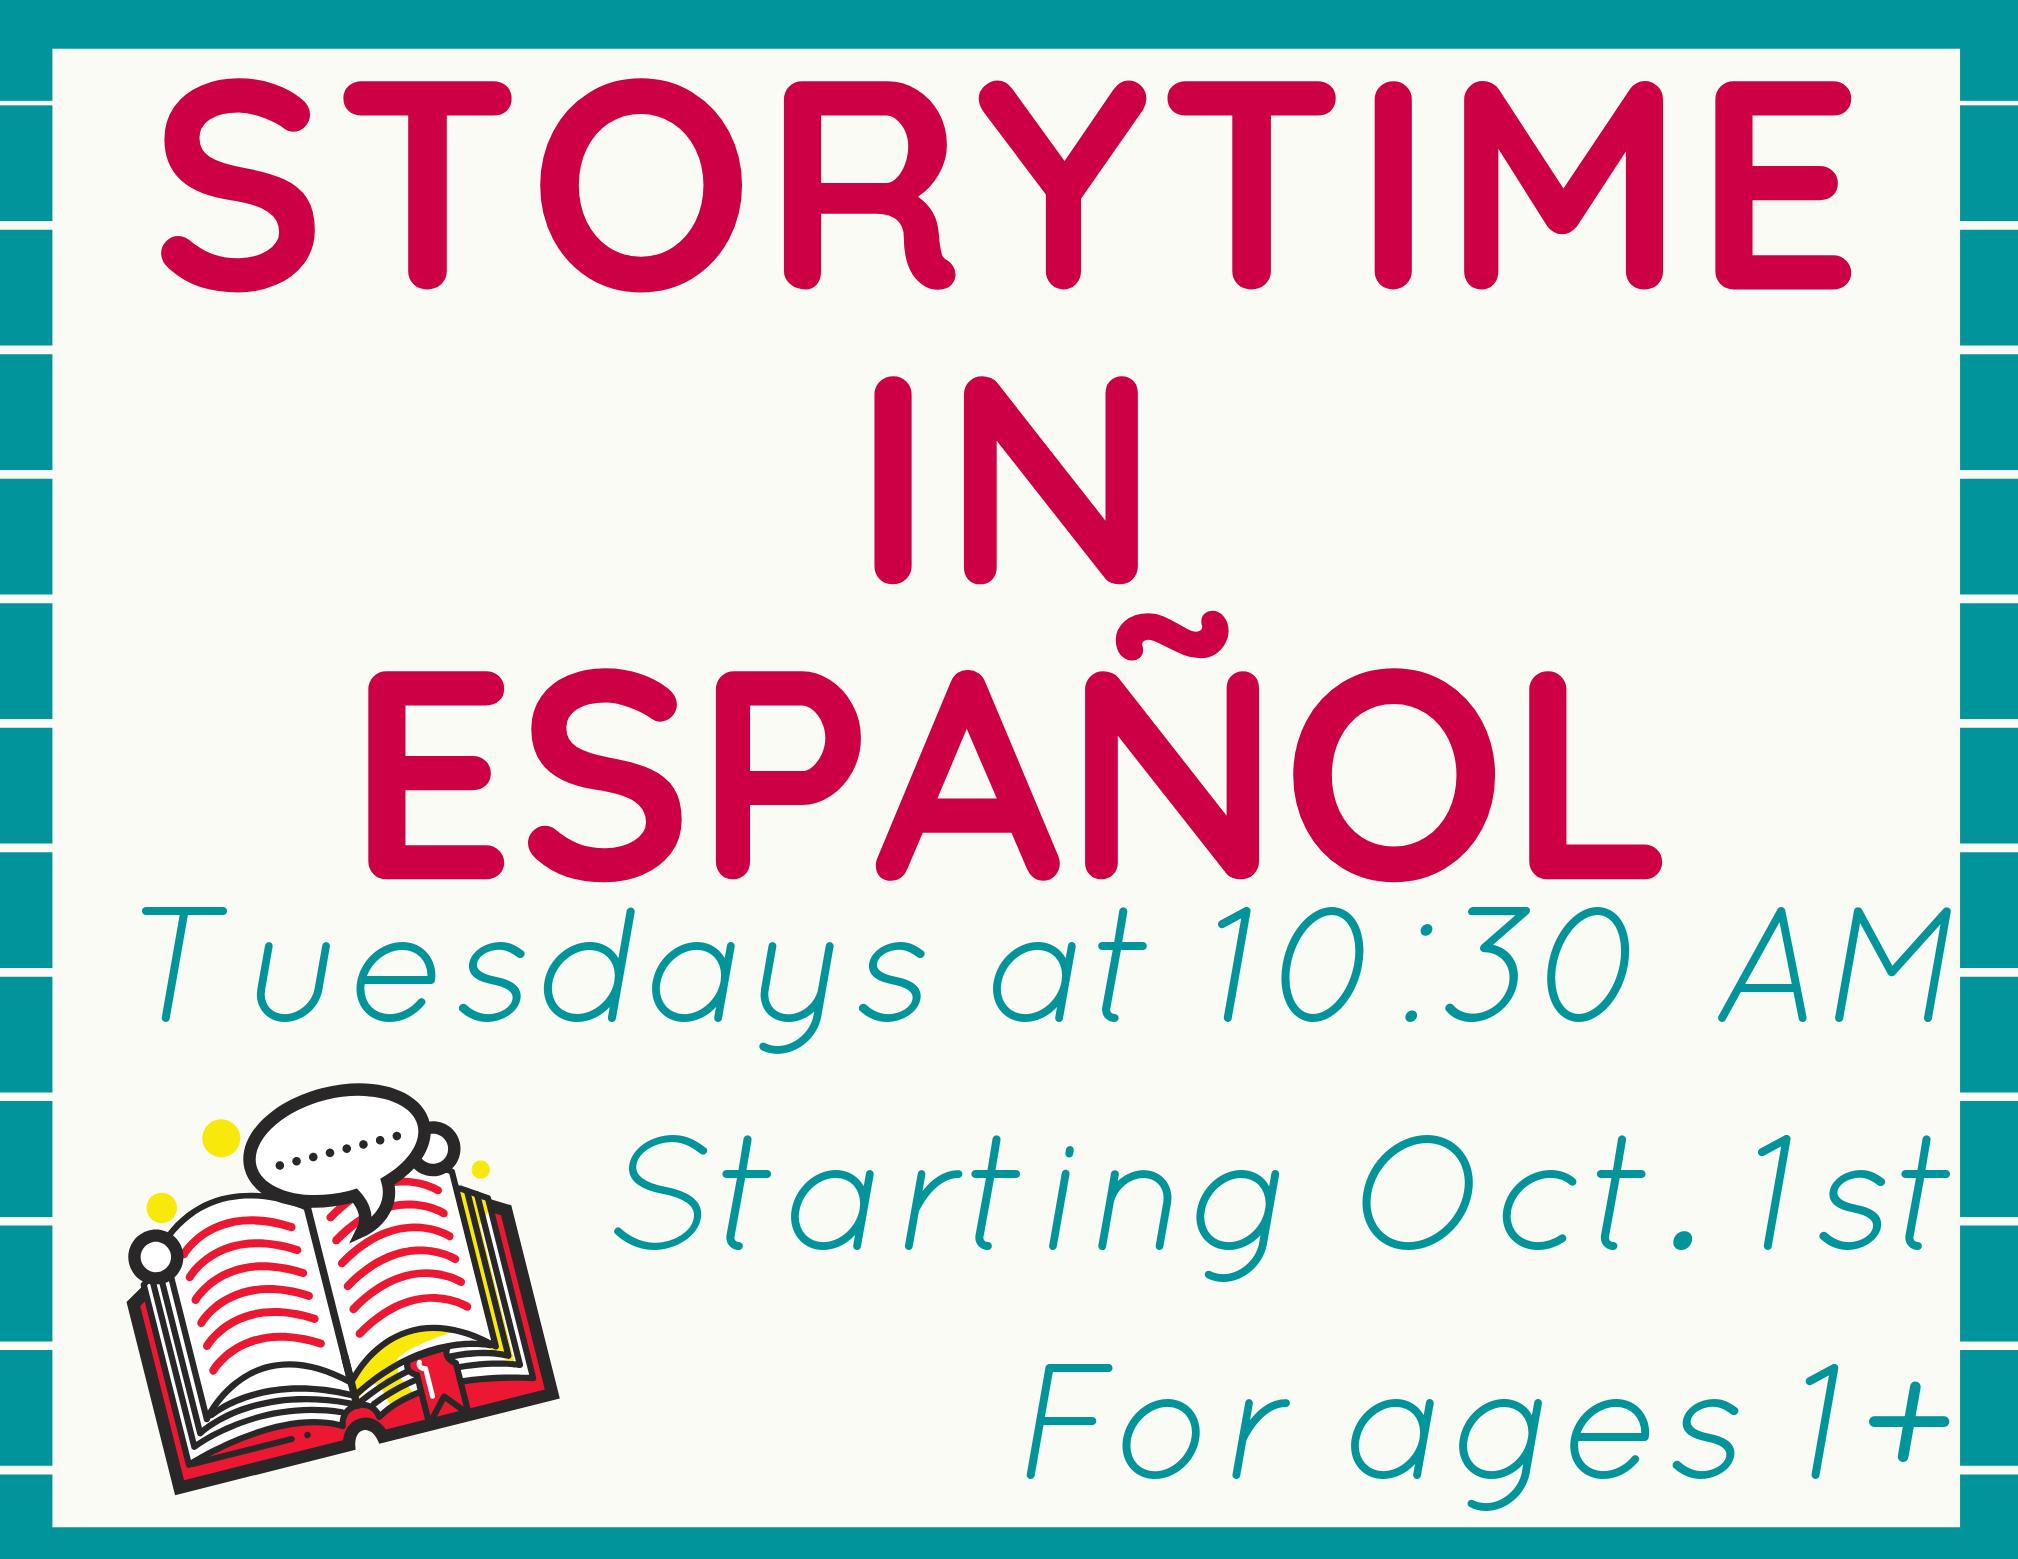 Storytime in Español